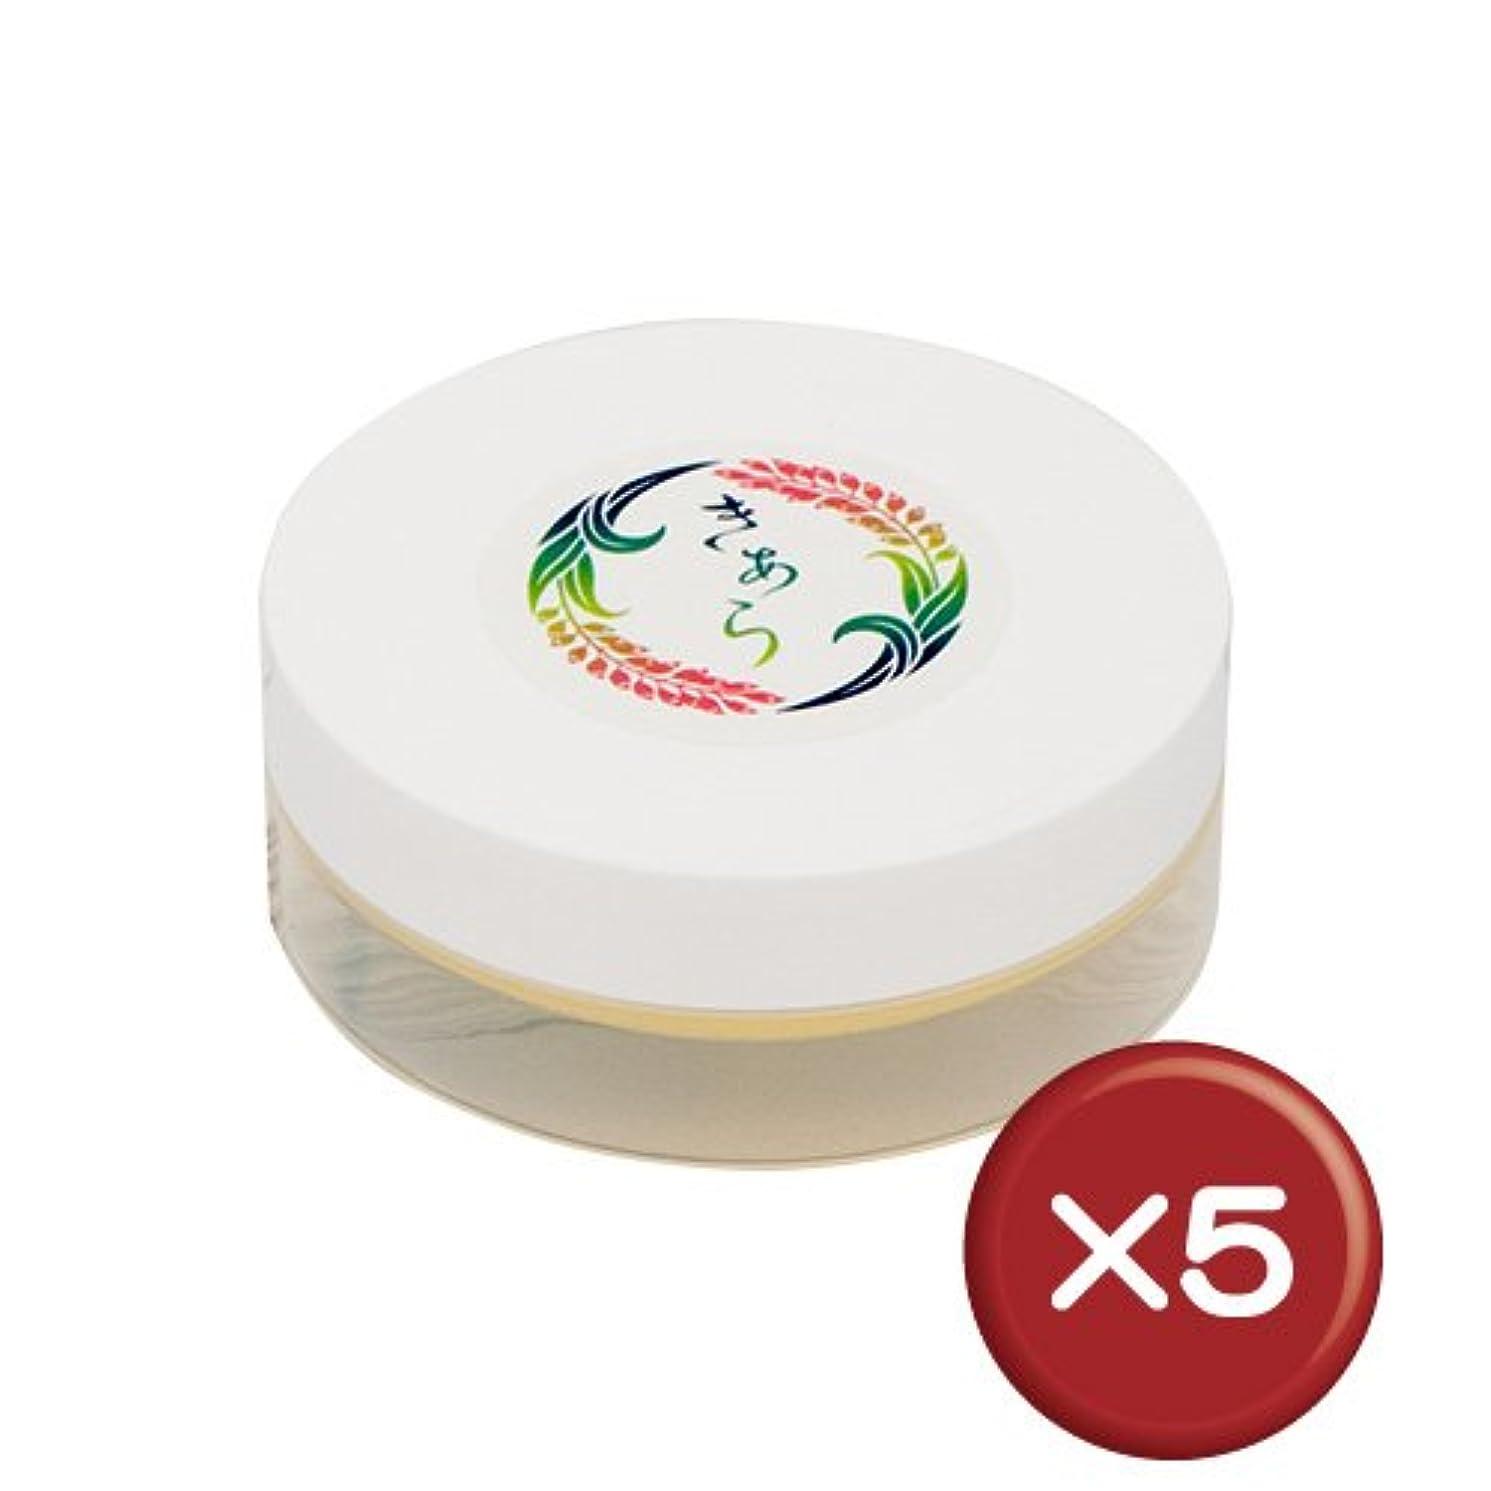 パラメータオートマトンレーザ月桃精油入りミツロウクリーム 5個セット